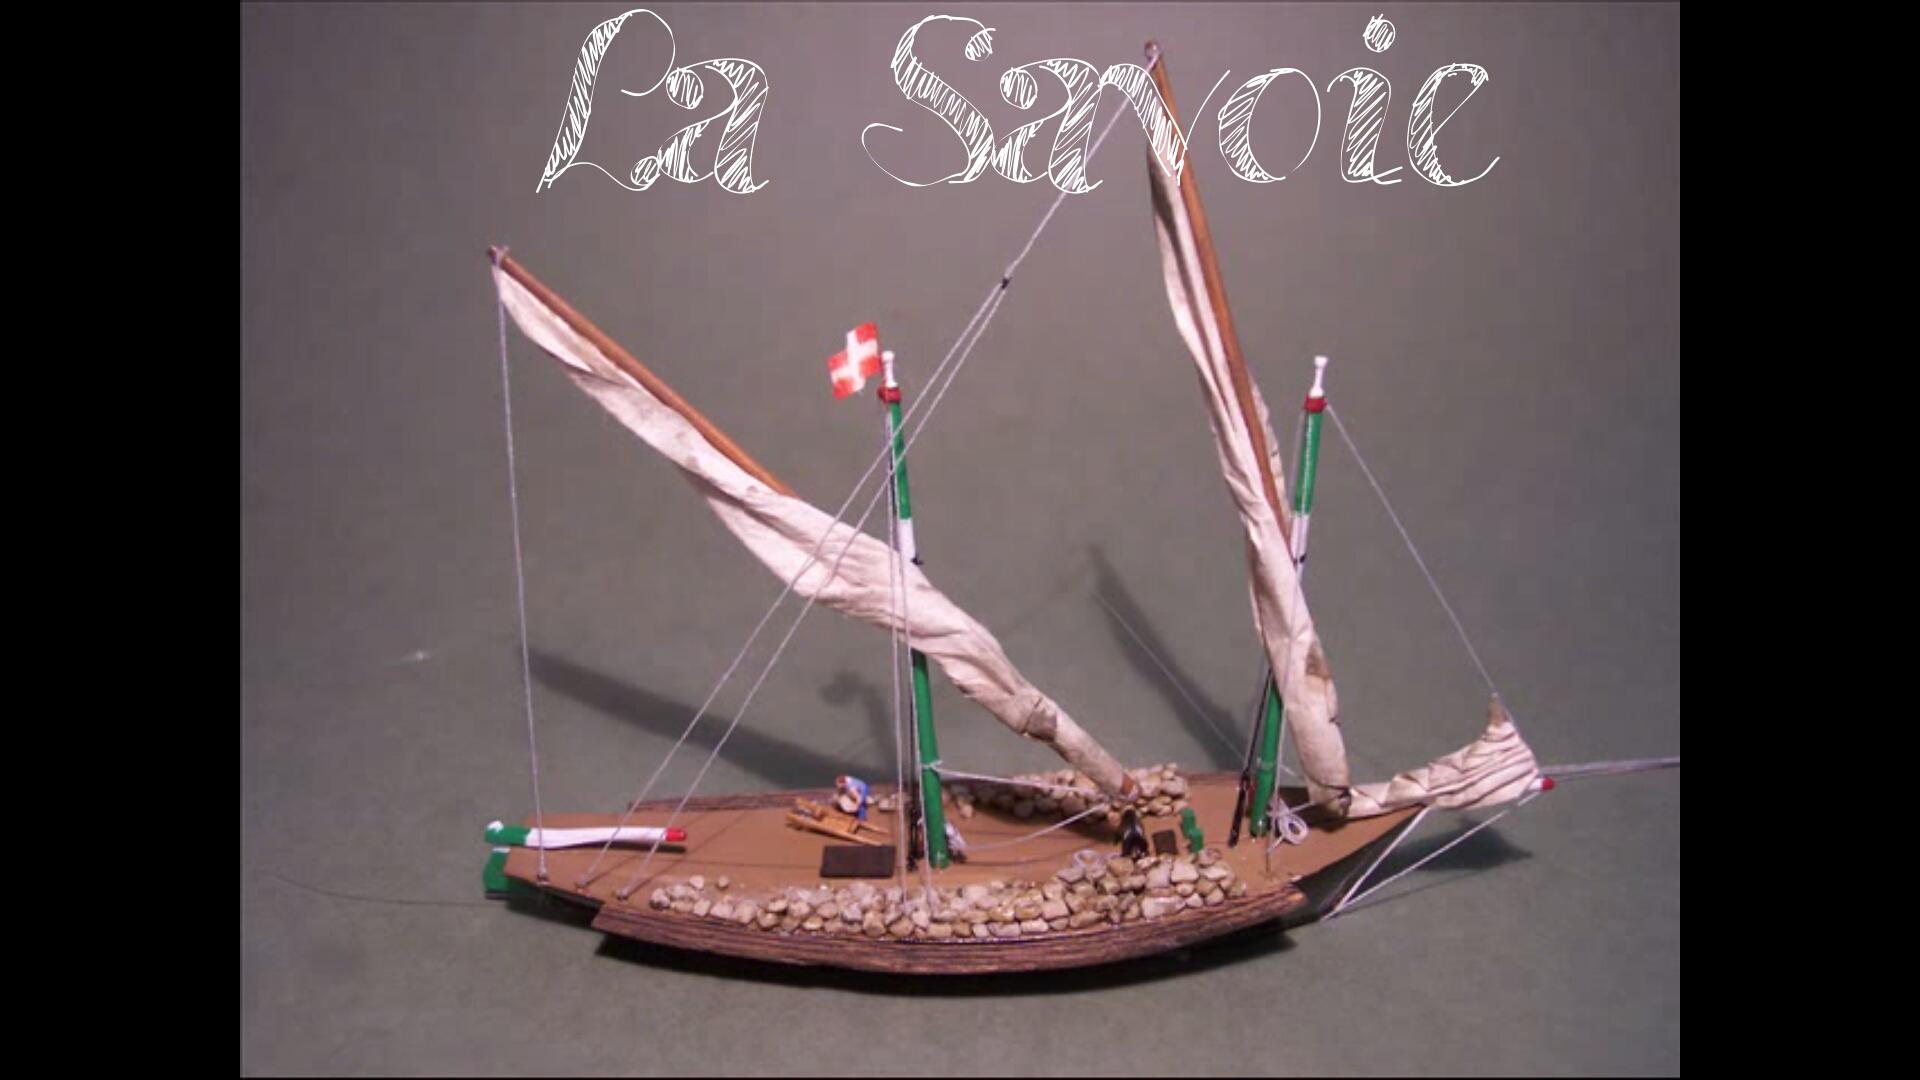 Model Ship: Barque La Savoie